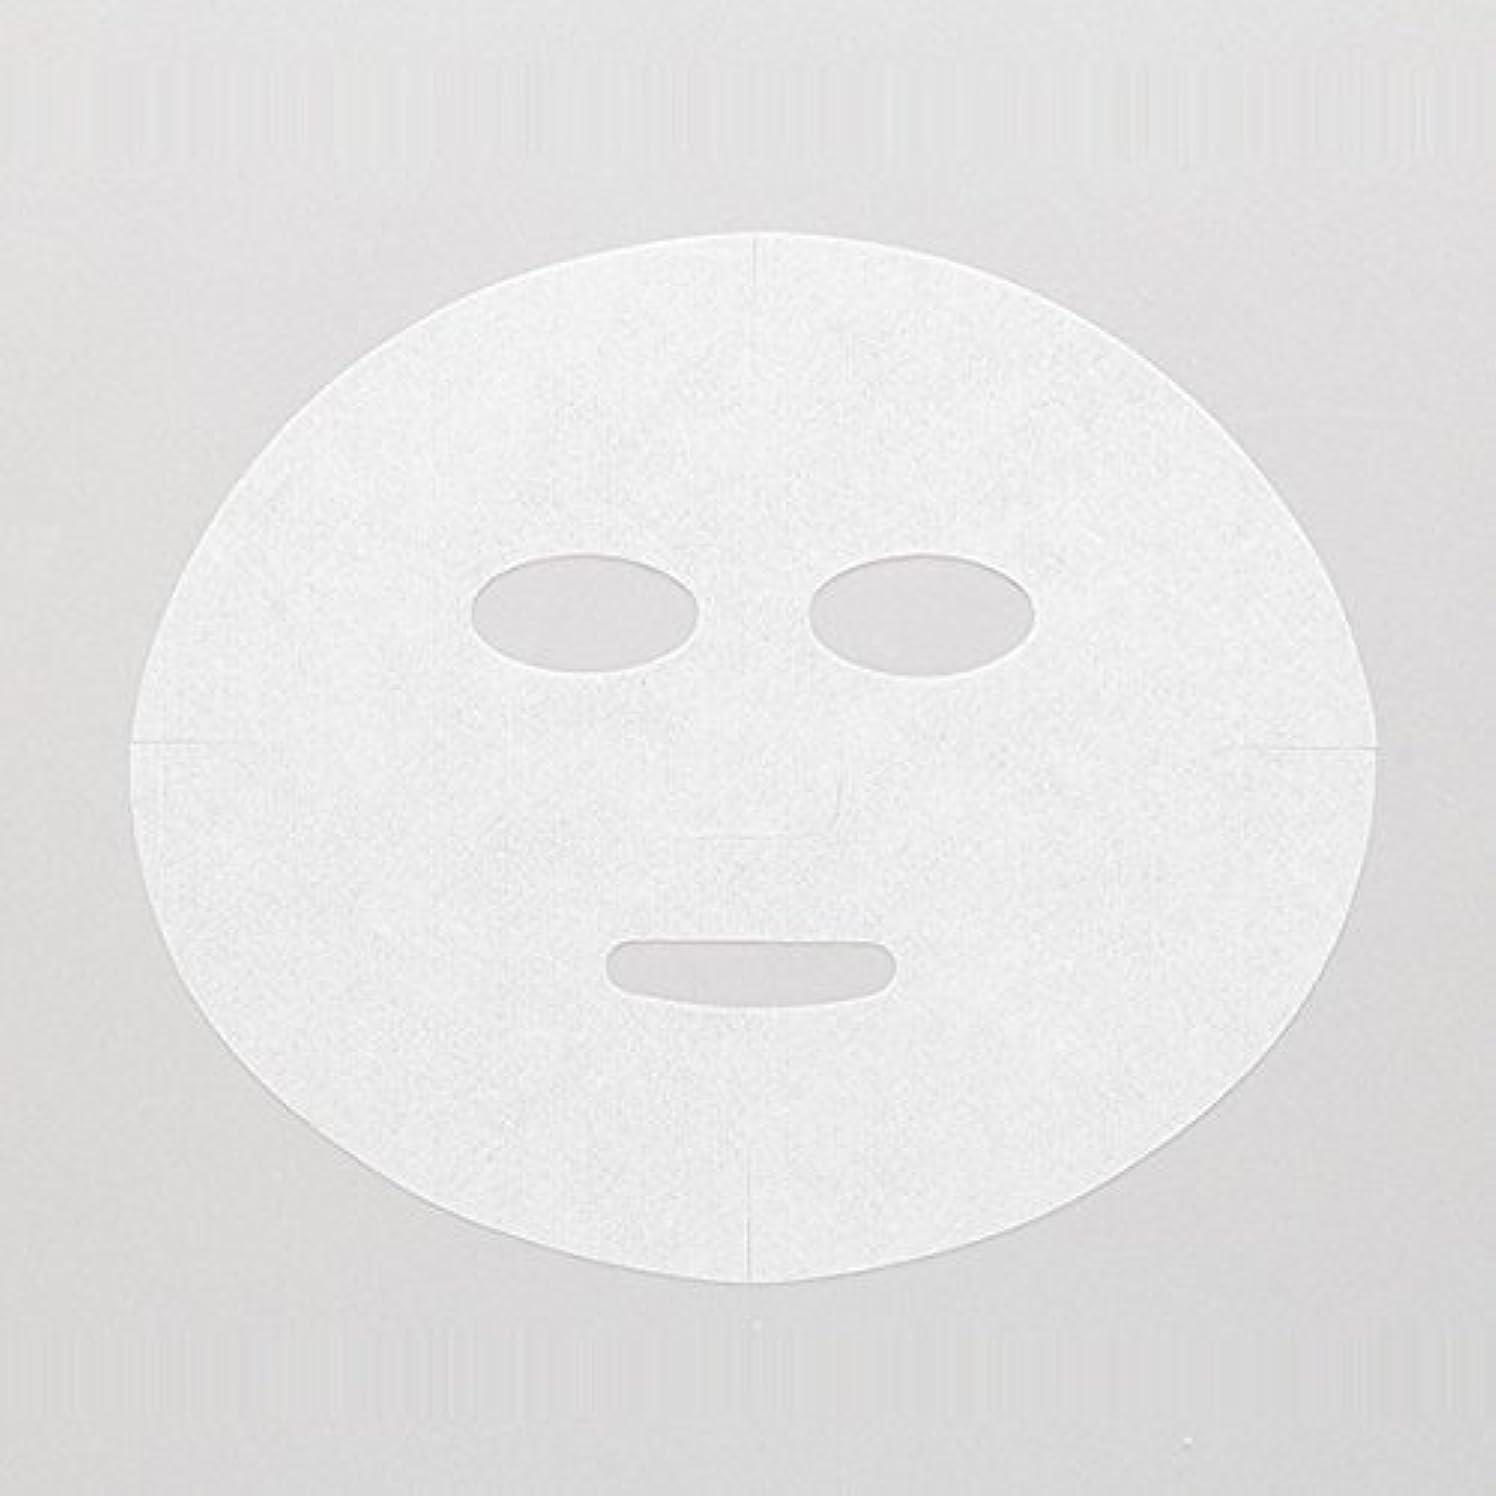 シュリンク視線麻痺させる高保水 フェイシャルシート (マスクタイプ 化粧水無) 80枚 24×20cm [ フェイスマスク フェイスシート フェイスパック フェイシャルマスク シートマスク フェイシャルシート フェイシャルパック ローションマスク...